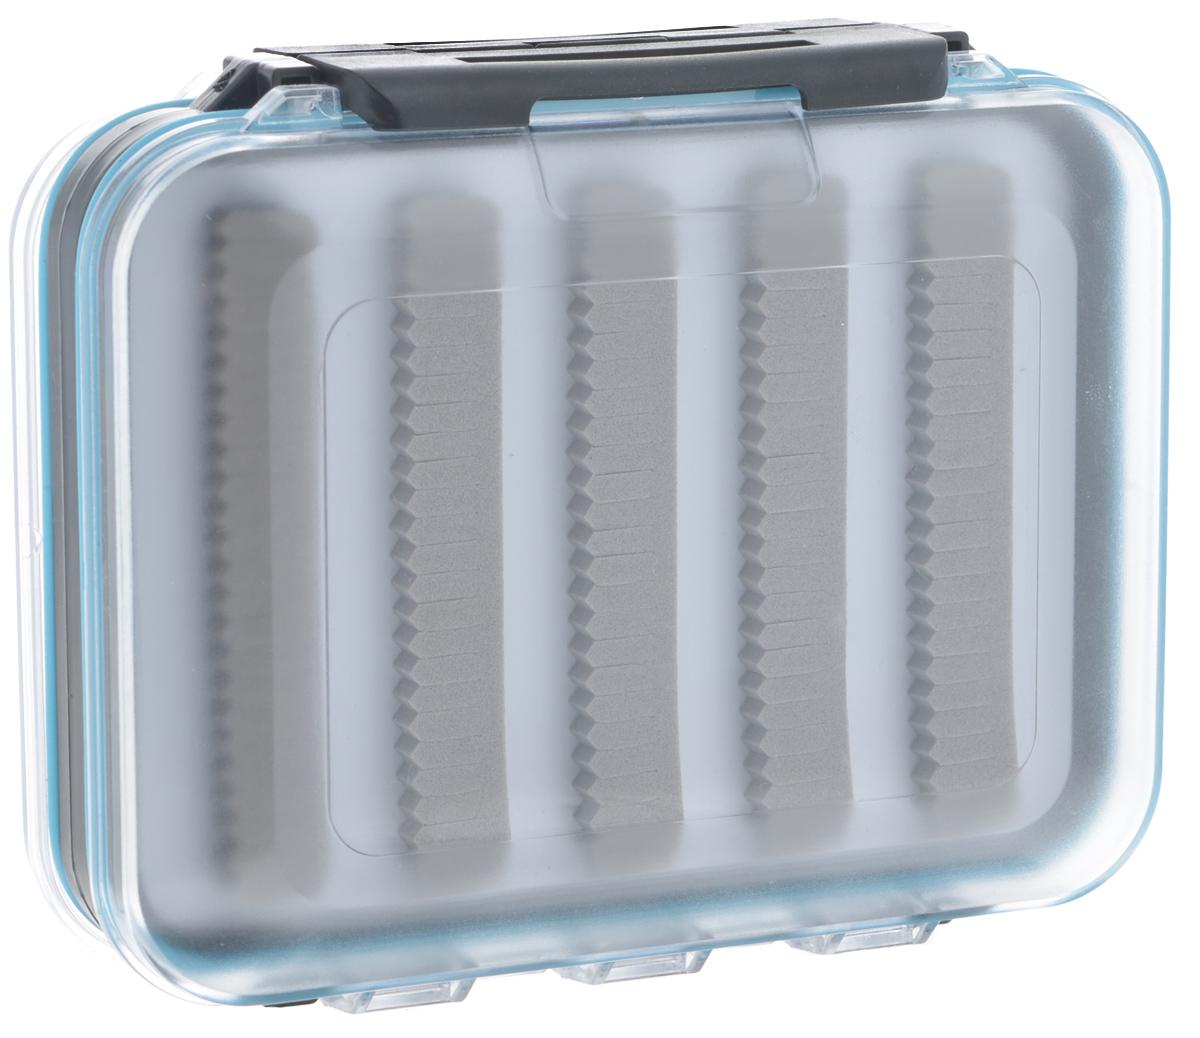 Коробка для приманок Salmo Ice Lure Special 03, 12,5 см х 10,5 см х 4,5 см680266/8952818 синийДвусторонняя водонепроницаемая коробка Salmo Ice Lure Special 03 оснащена специальными вставками из вспененного материала, позволяющими закреплять приманки (мормышки, балансиры и блесны), не втыкая их в материал, а зажимая в нем крючки. Такая система в разы увеличивает срок службы коробки. Изделие выполнено из высококачественного пластика. Коробка оборудована прочными замками, предотвращающими случайное открывание.